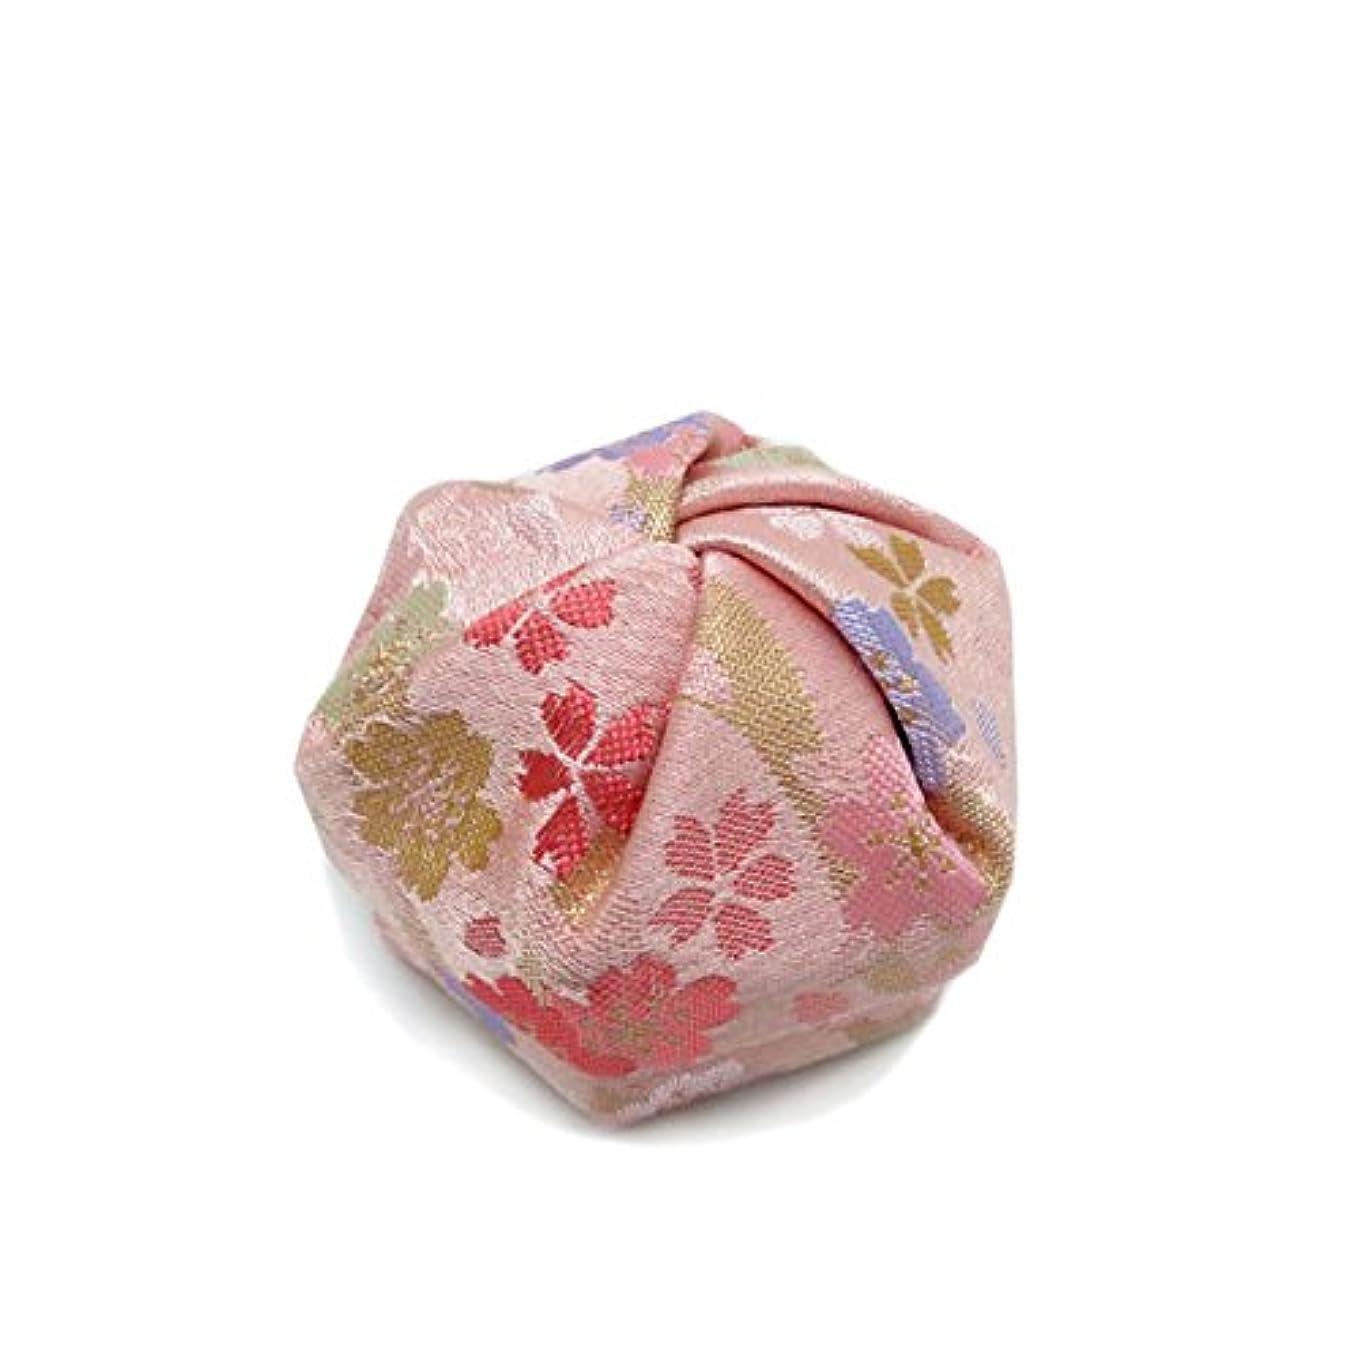 豆腐保証する持参布香盒 ピンク系 紙箱入